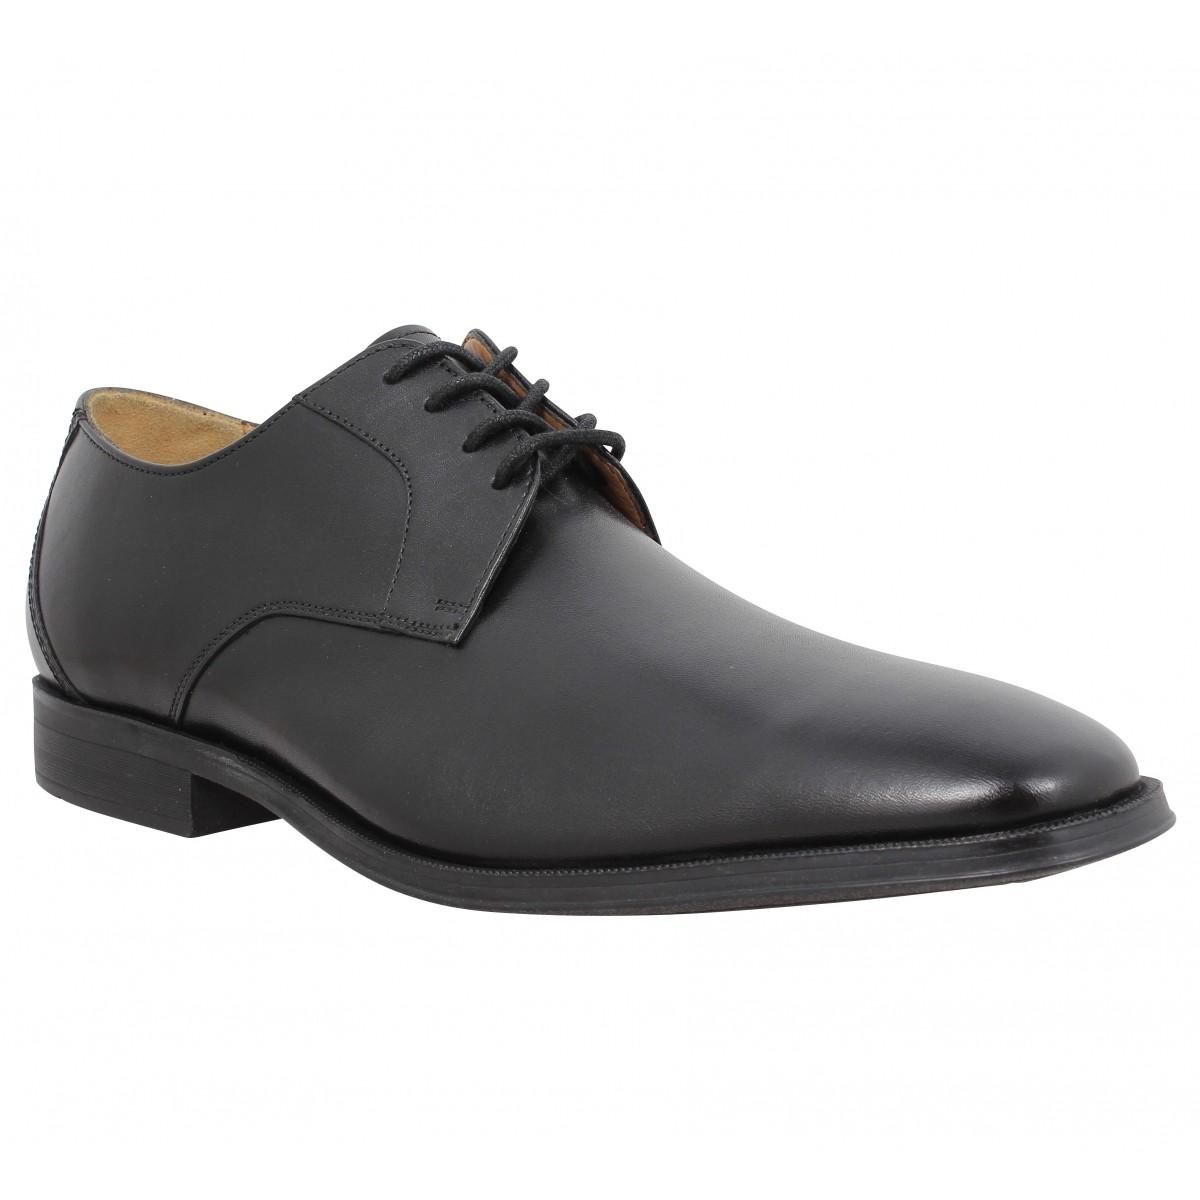 Clarks chaussures pour homme - Vente en ligne a3e1a689a407